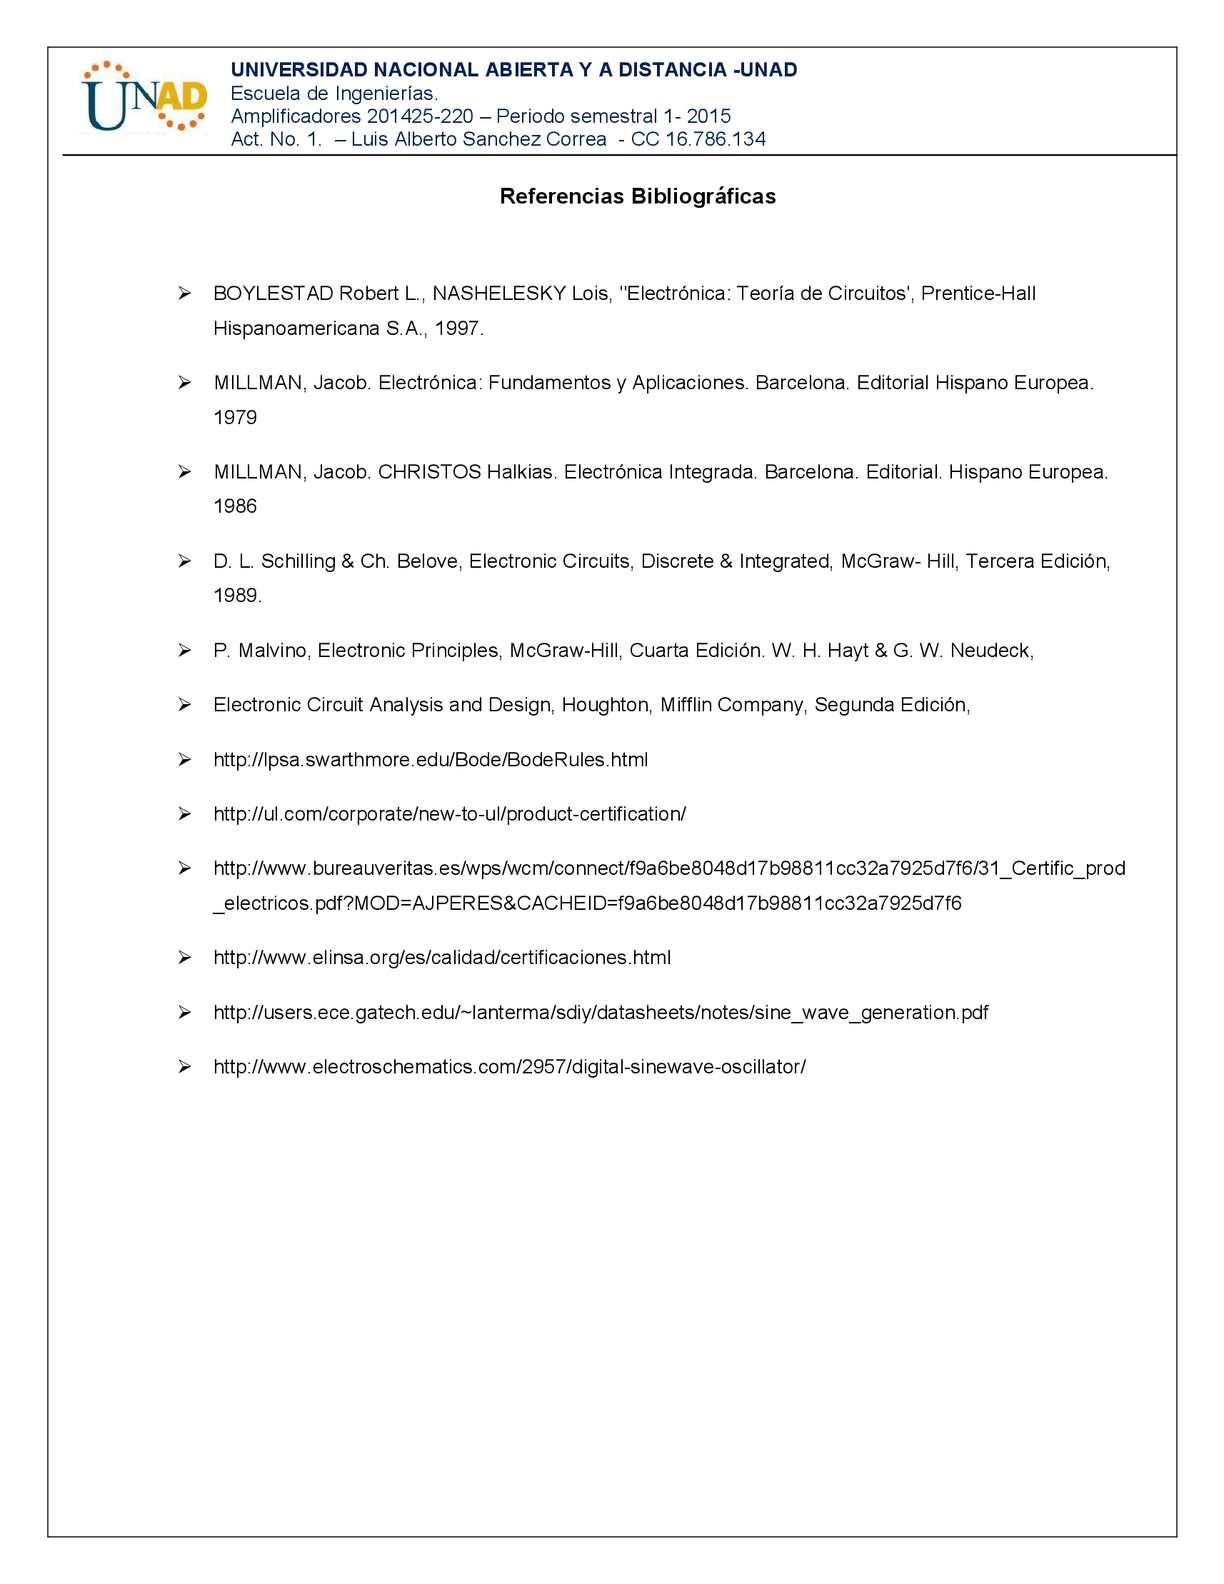 M1 Propuesta Amplificadores - CALAMEO Downloader